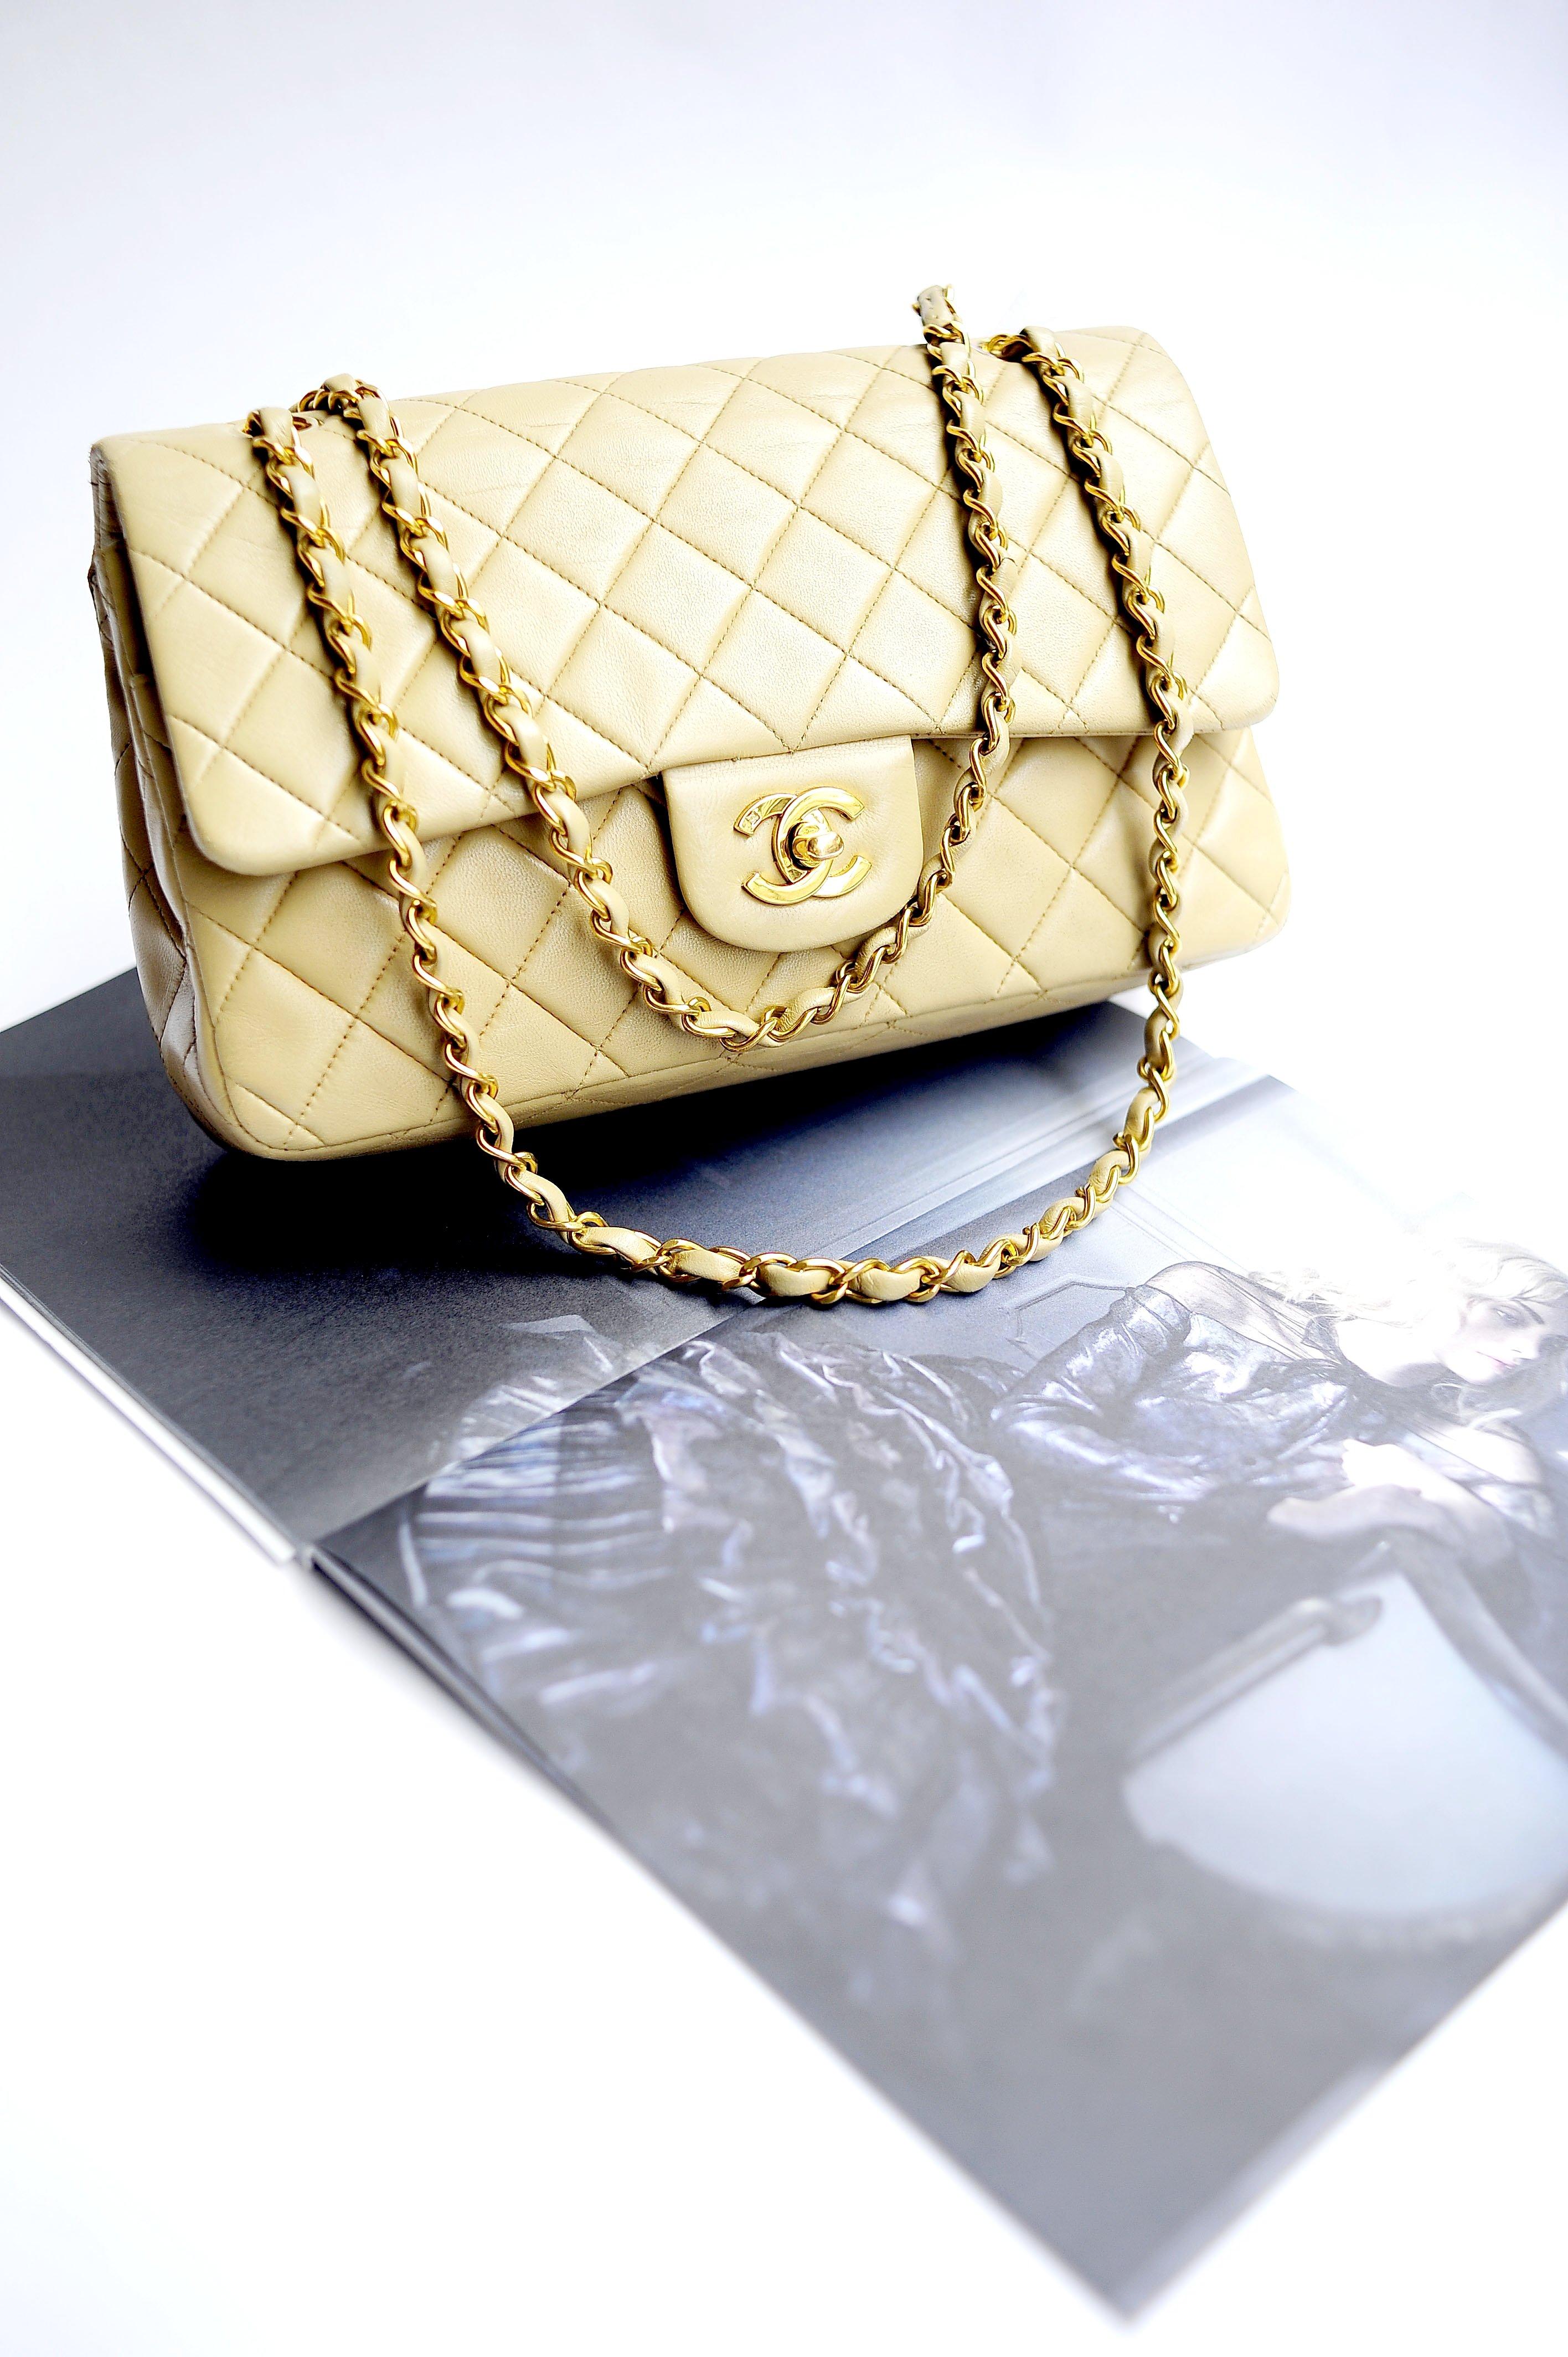 b6fb9a1de8 Iconiche ed intramontabili, le borse di Chanel attraggono da sempre le  donne di tutto il mondo, per le forme innovative e raffinate, l'eleganza  senza e ...